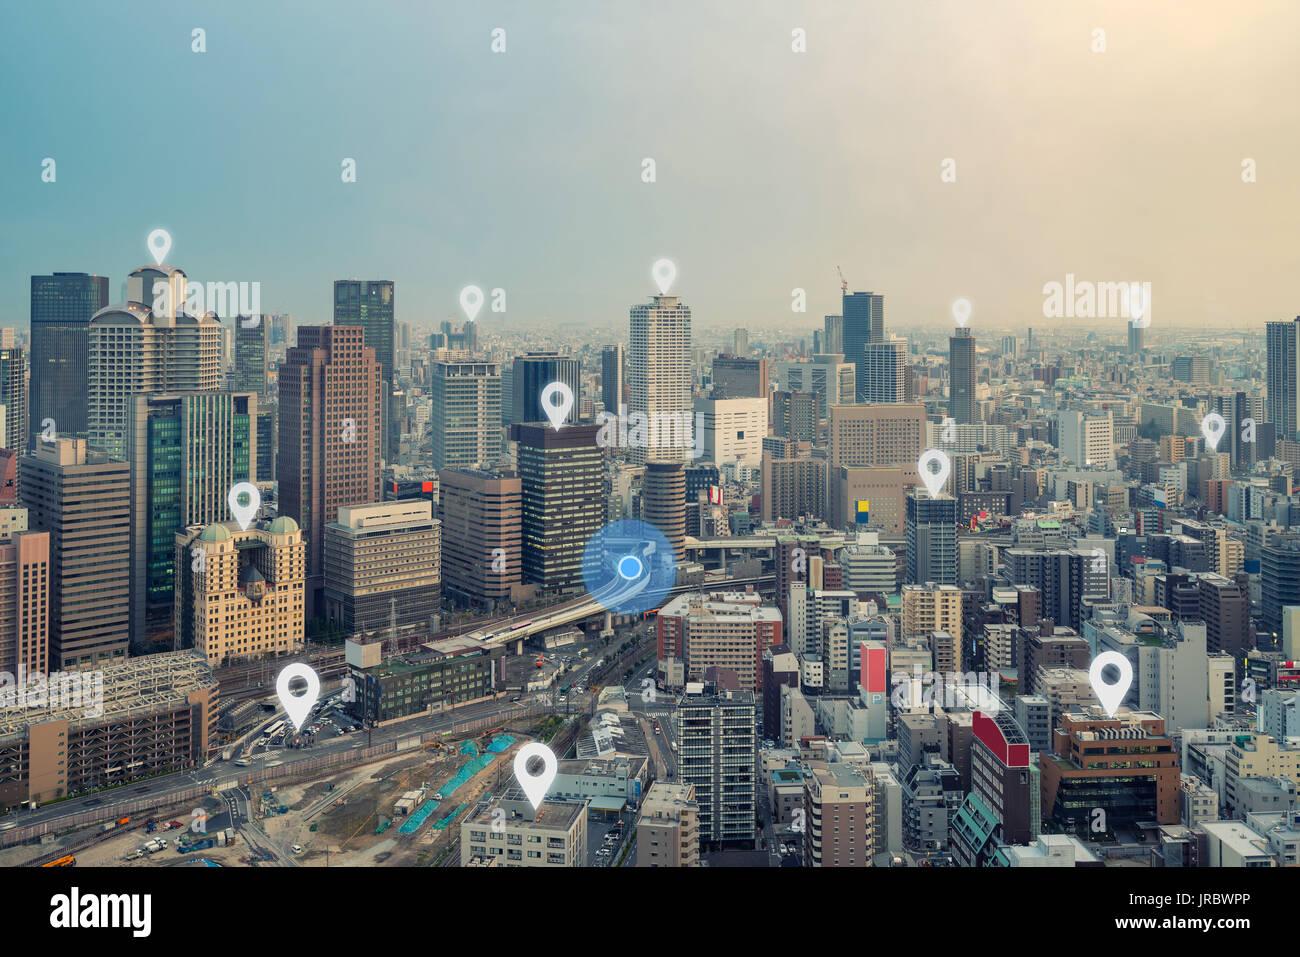 Situation de la recherche sur la carte et la broche au-dessus de la ville d'Osaka et la connexion réseau, internet des objets, le concept de système de navigation par satellite Photo Stock